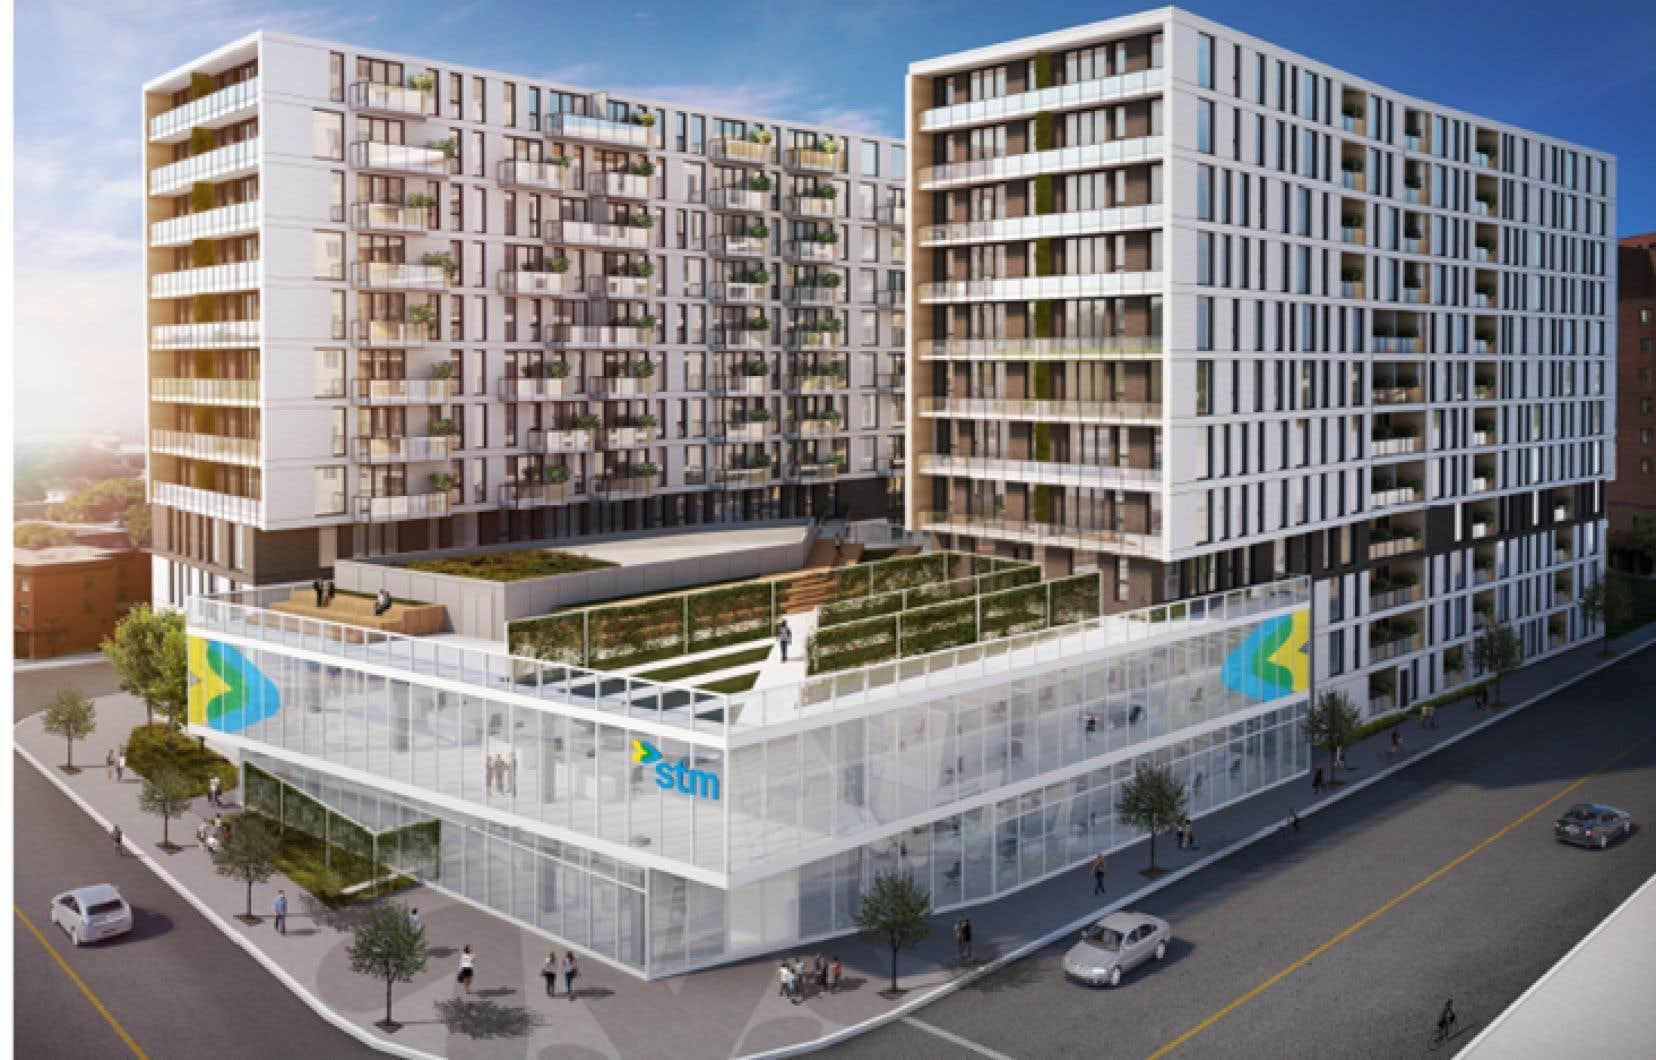 Un stationnement de surface adjacent à la station de métro Frontenac sera transformé en complexe immobilier de 298 unités.